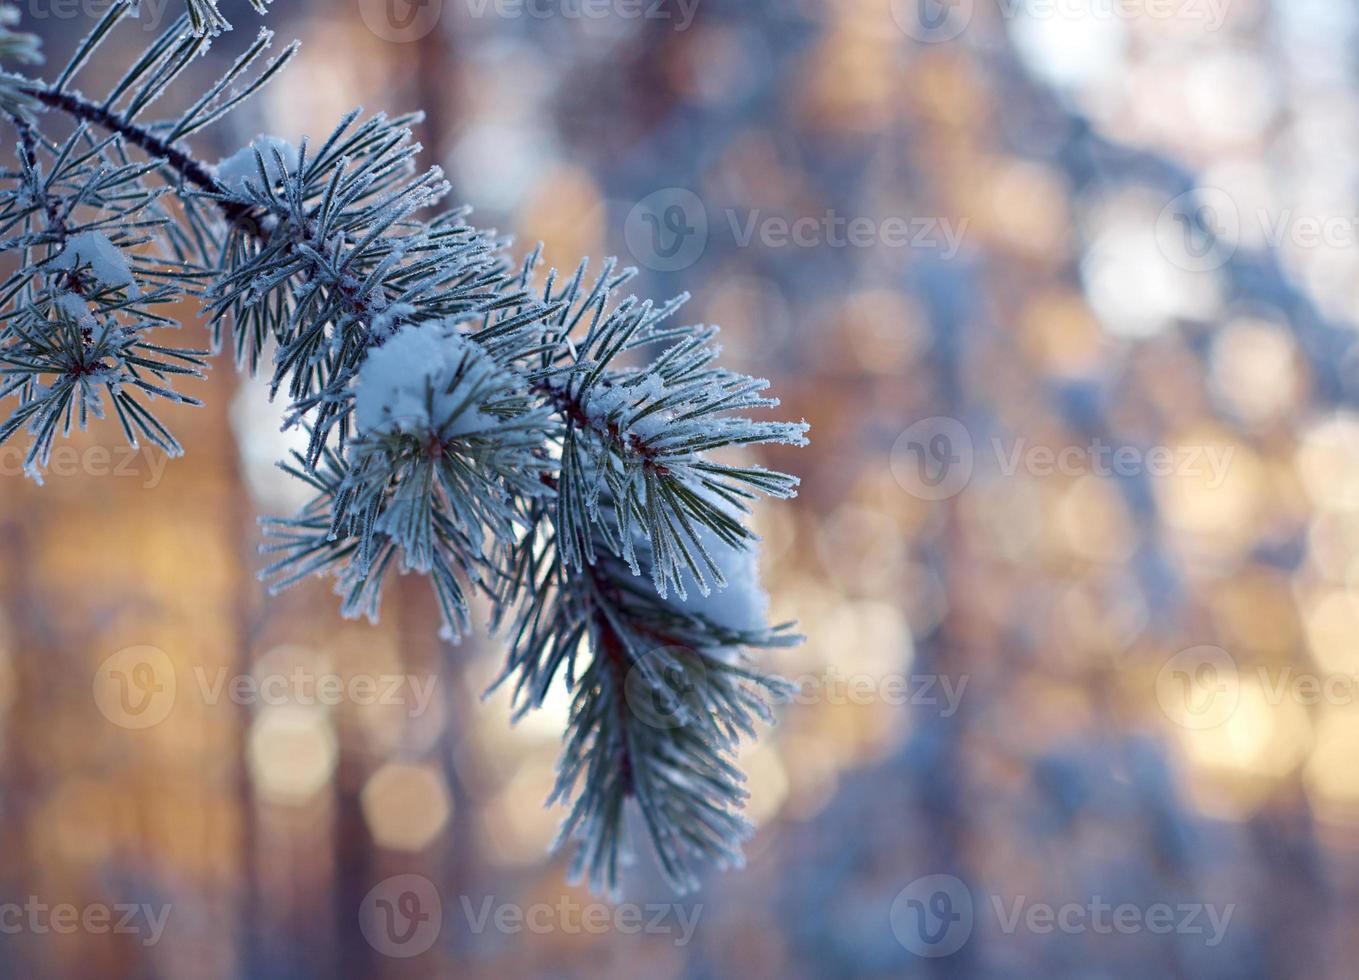 winter landscape .Winter scene photo